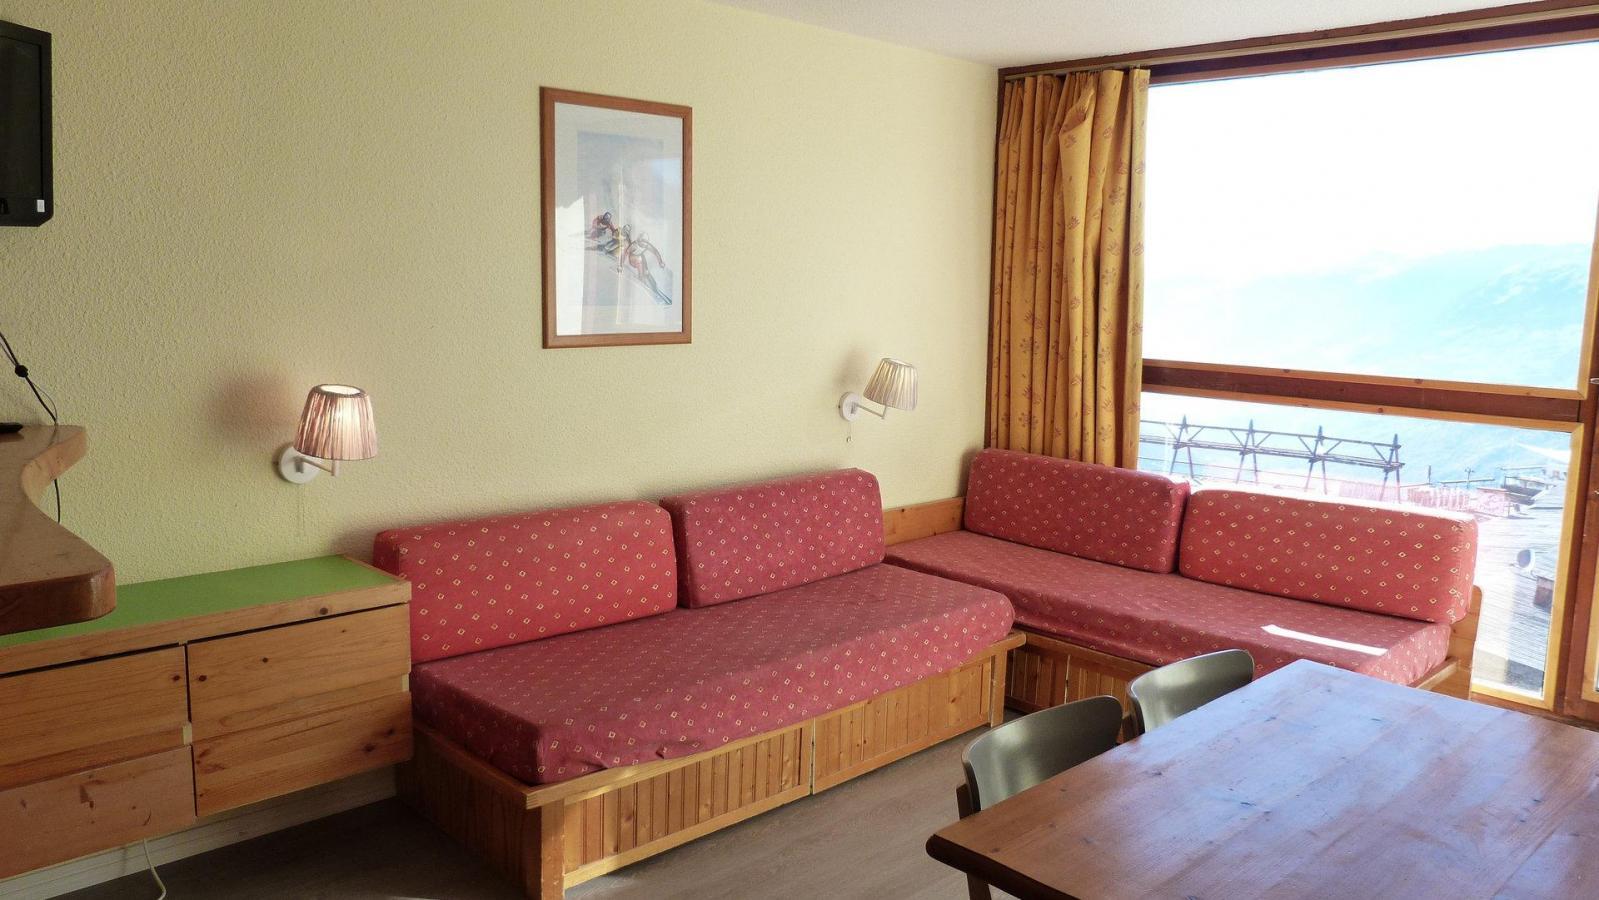 Location au ski Appartement 2 pièces 5 personnes (319) - Residence Les Tournavelles - Les Arcs - Séjour